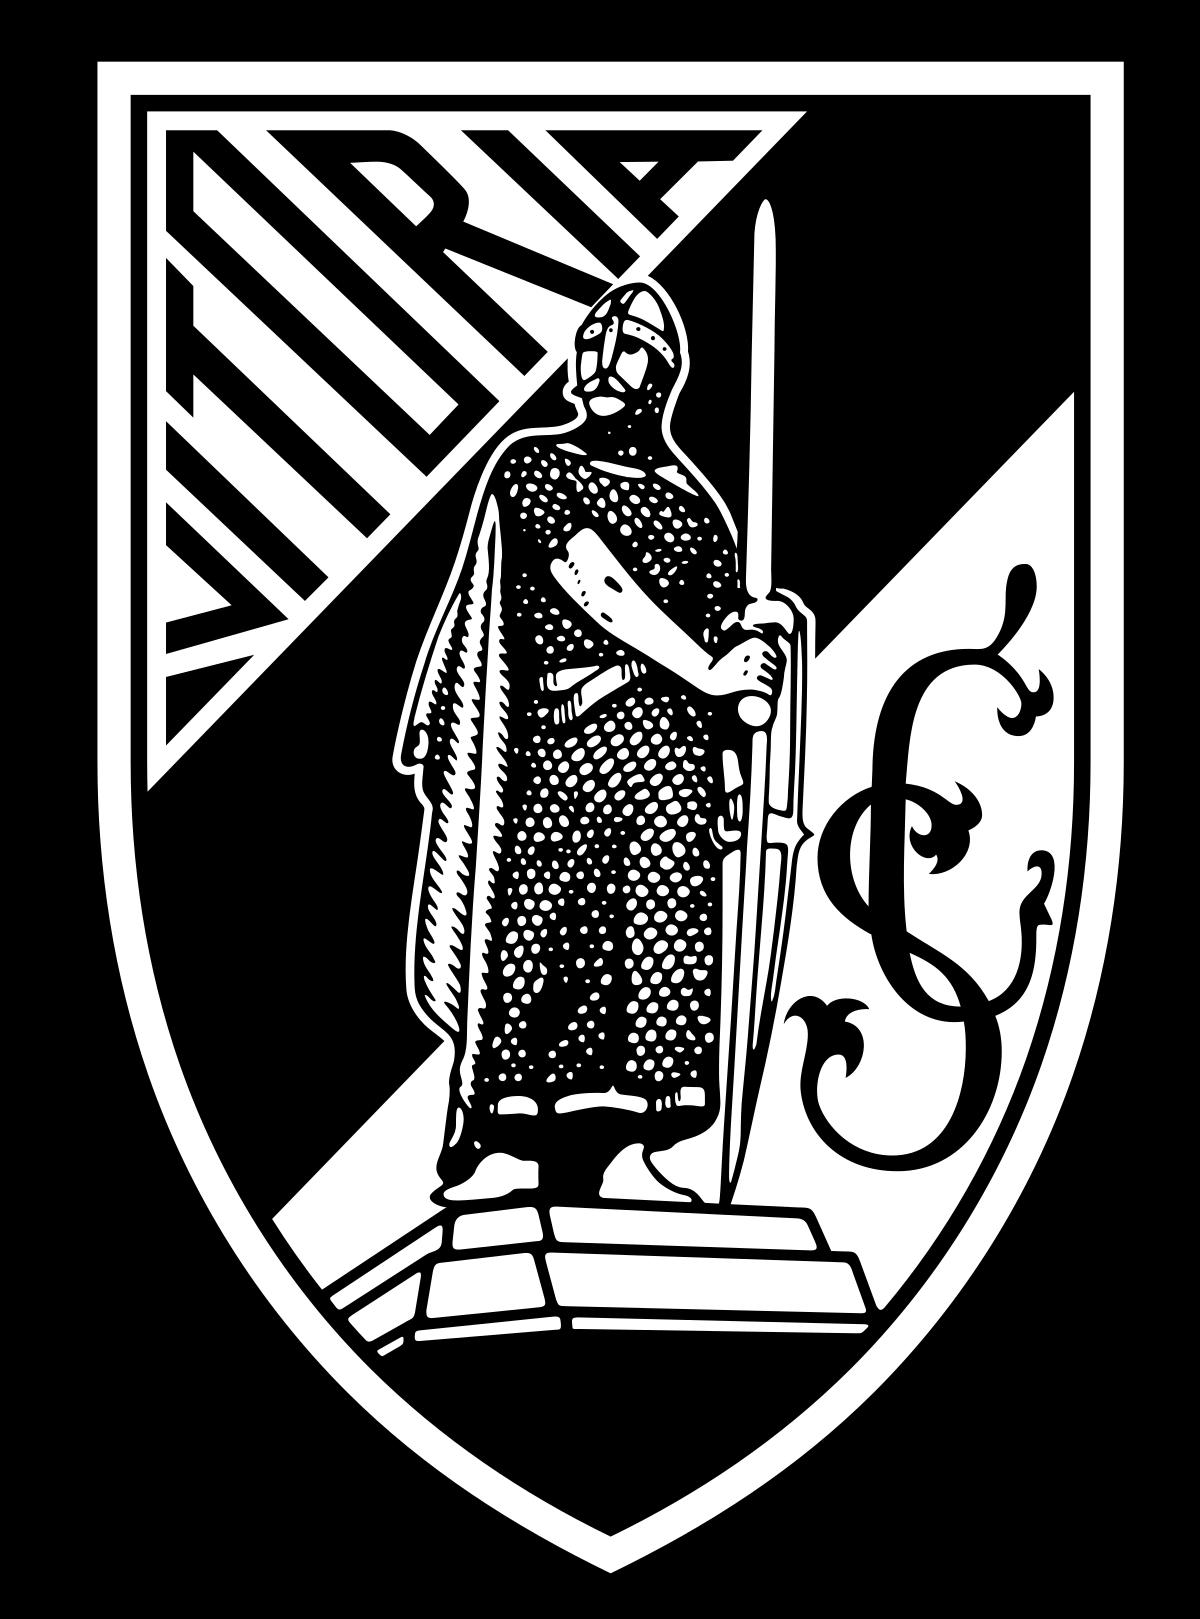 Vitoria Guimares of Portugal crest. Vitória de guimarães